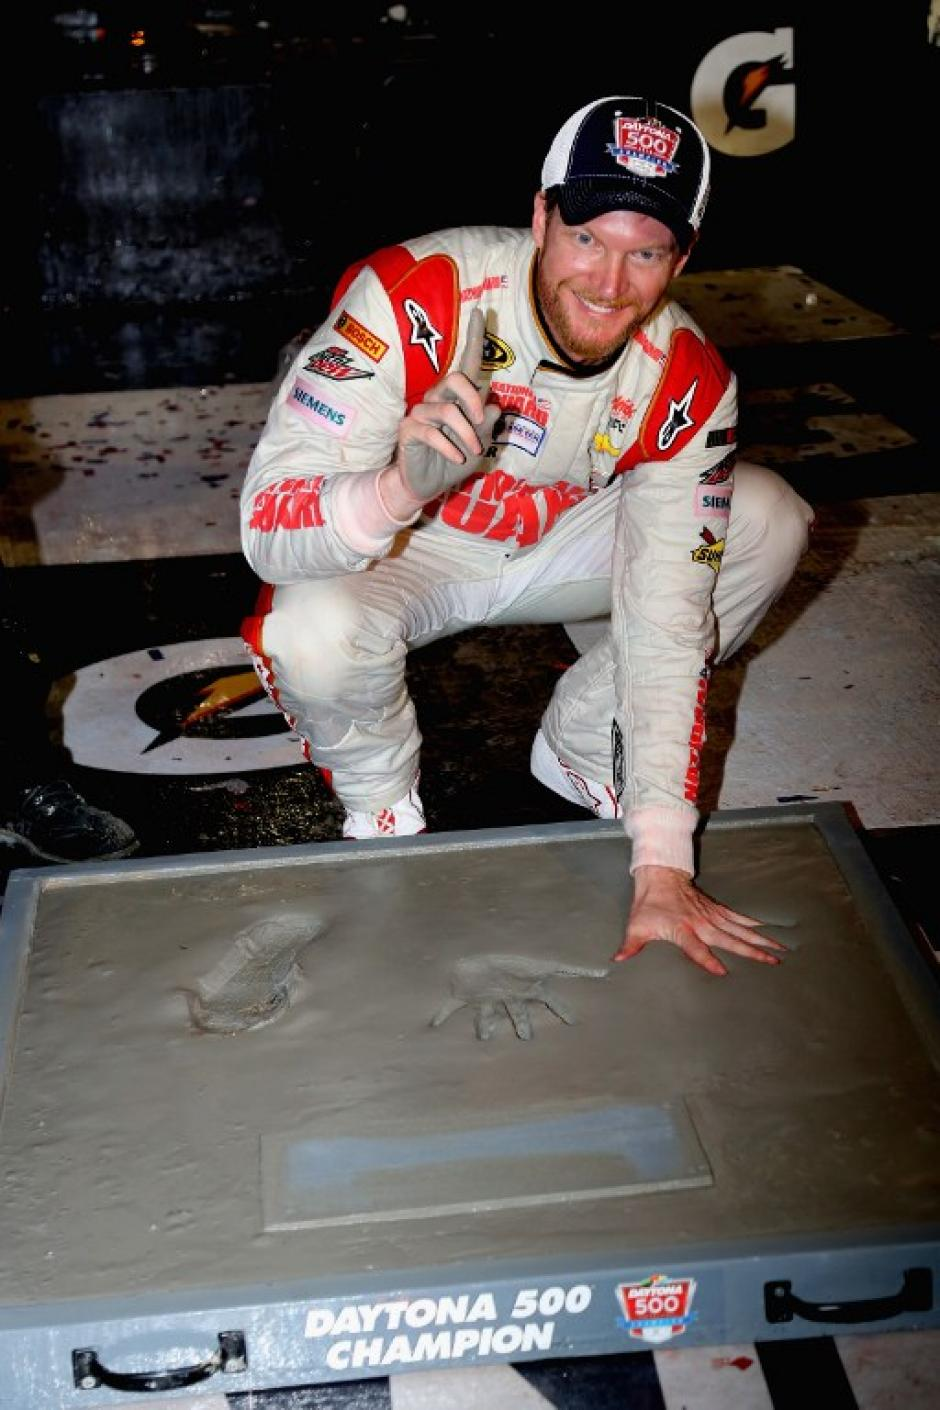 Earnhardt Jr. gana la Daytona 500 en el 2014, por lo que estampa sus huellas en la mítica pista que alberga la carrera. (Foto:AFP)